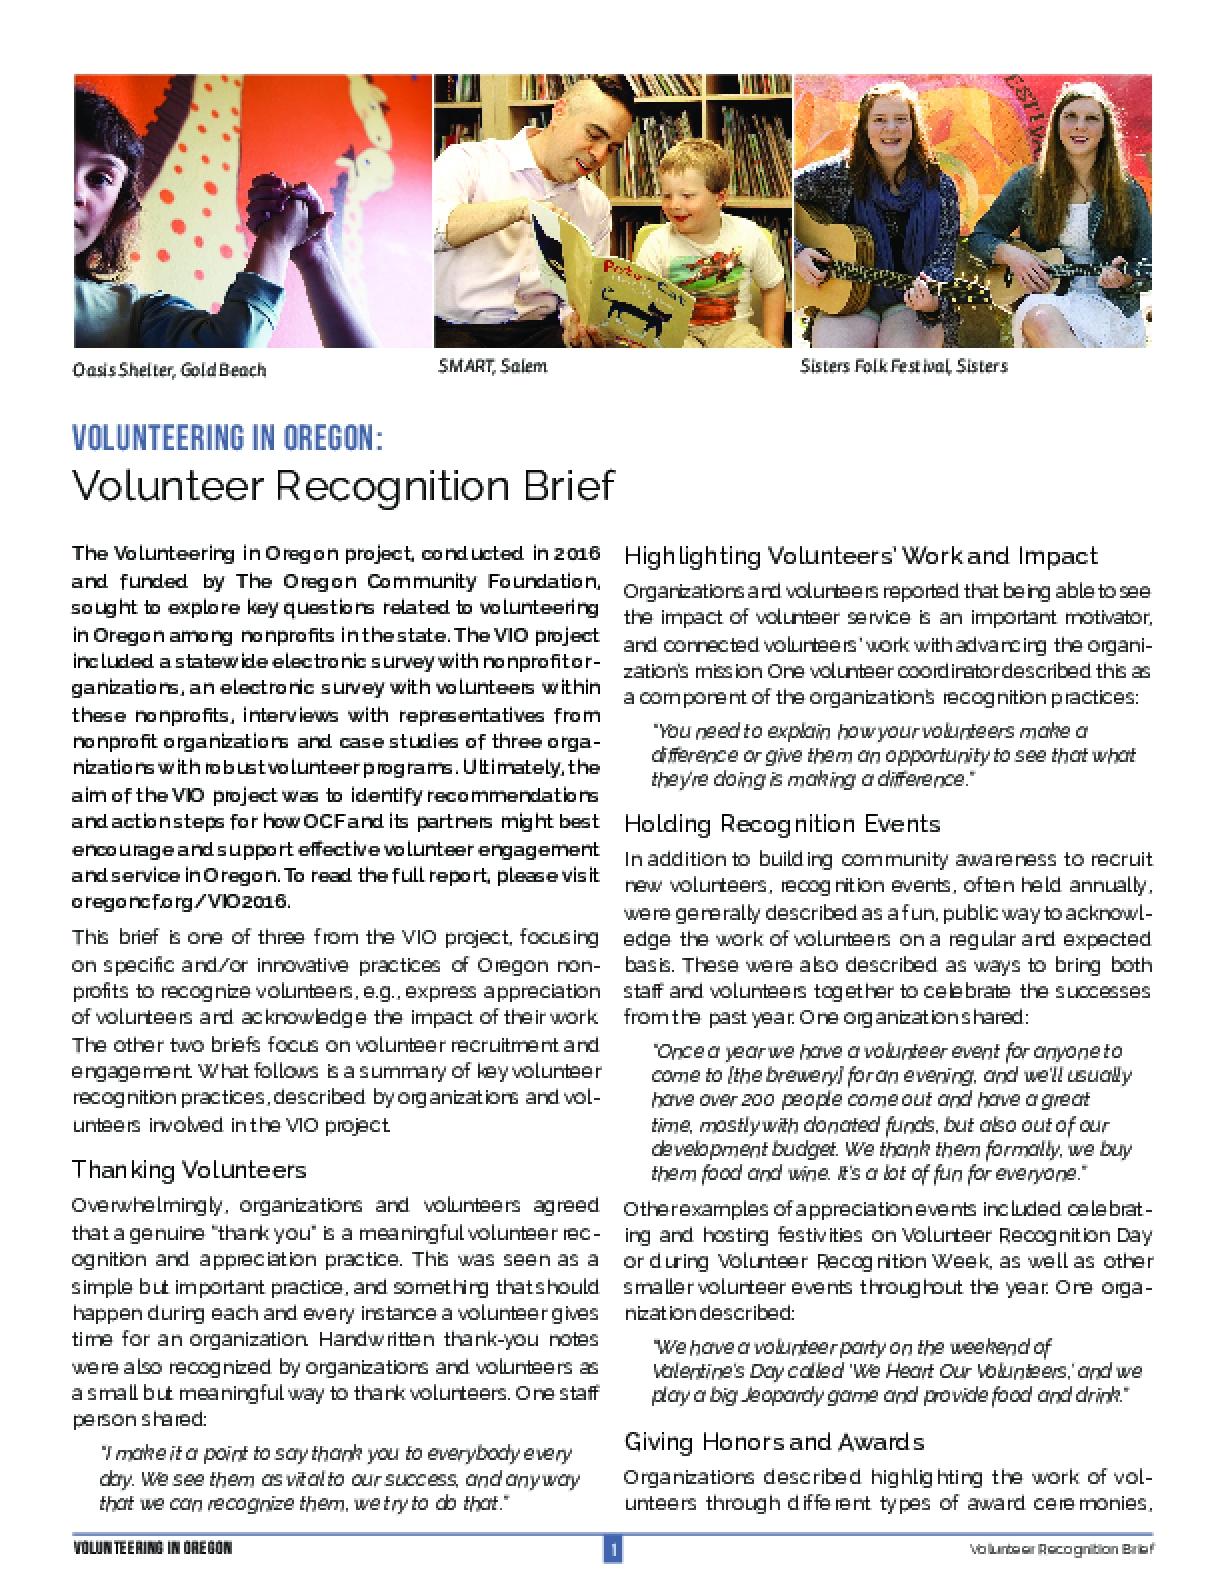 Volunteering in Oregon: Volunteer Recognition Brief